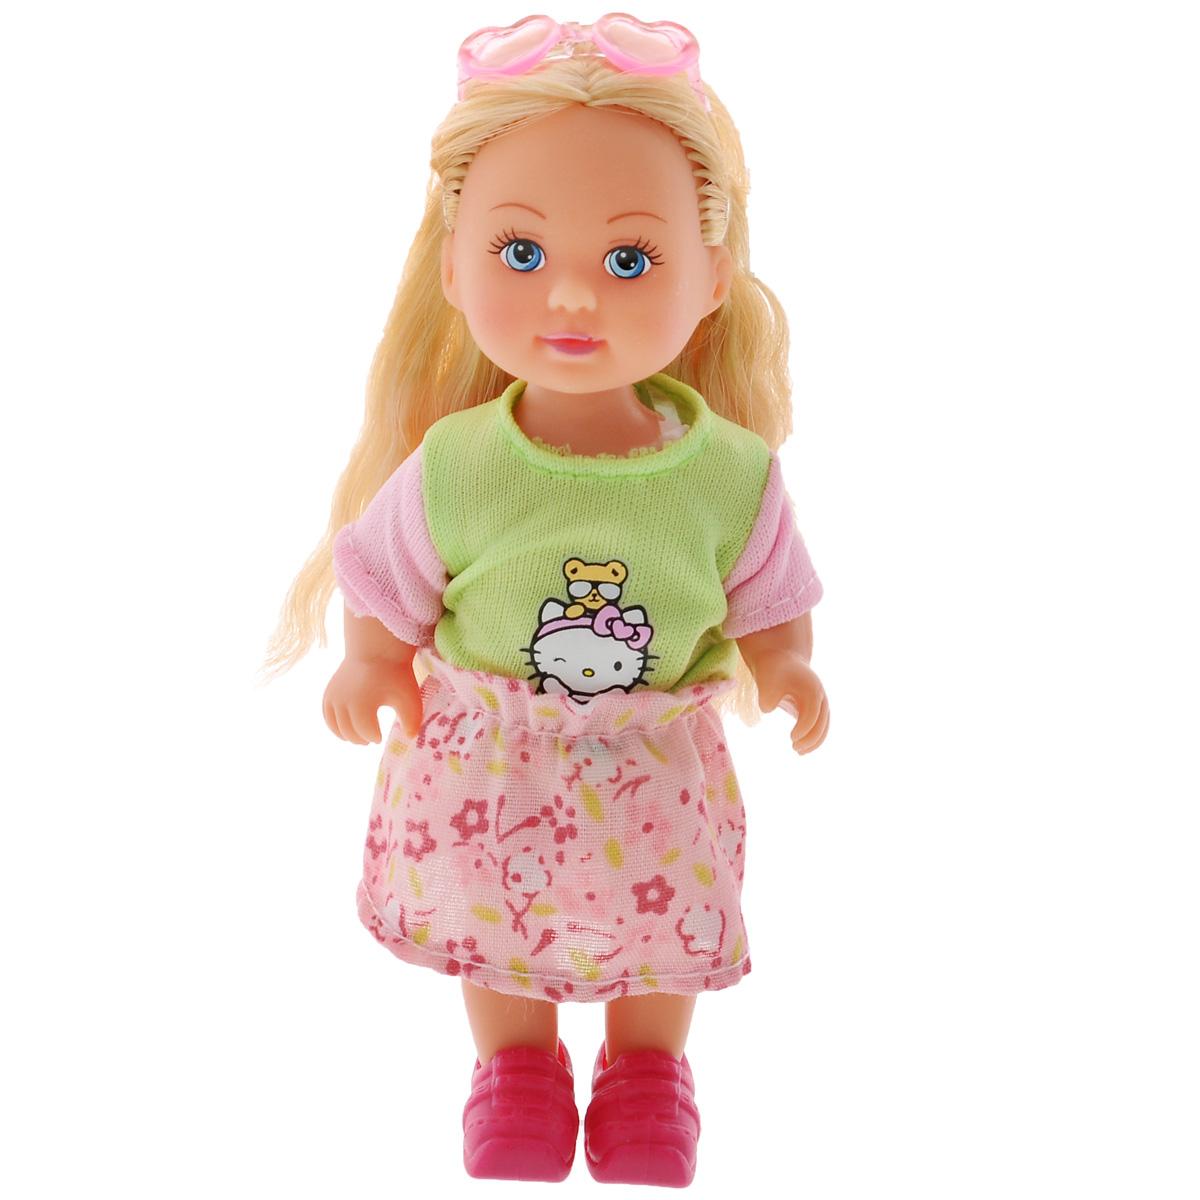 Simba Кукла Hello Kitty: Еви, цвет: салатовый, розовый5733512Кукла Simba Hello Kitty: Еви порадует вашу малышку и доставит ей много удовольствия от часов, посвященных игре с ней. Кукла одета в симпатичное платье с рисунком Hello Kitty, и розовые ботиночки, а на голове ее - очки. Кукла имеет красивые светлые волосы, которые можно заплетать в различные прически. Голова, ручки и ножки куклы поворачиваются, что сделает игру с ним еще реалистичнее и интереснее. Порадуйте свою малышку таким великолепным подарком.